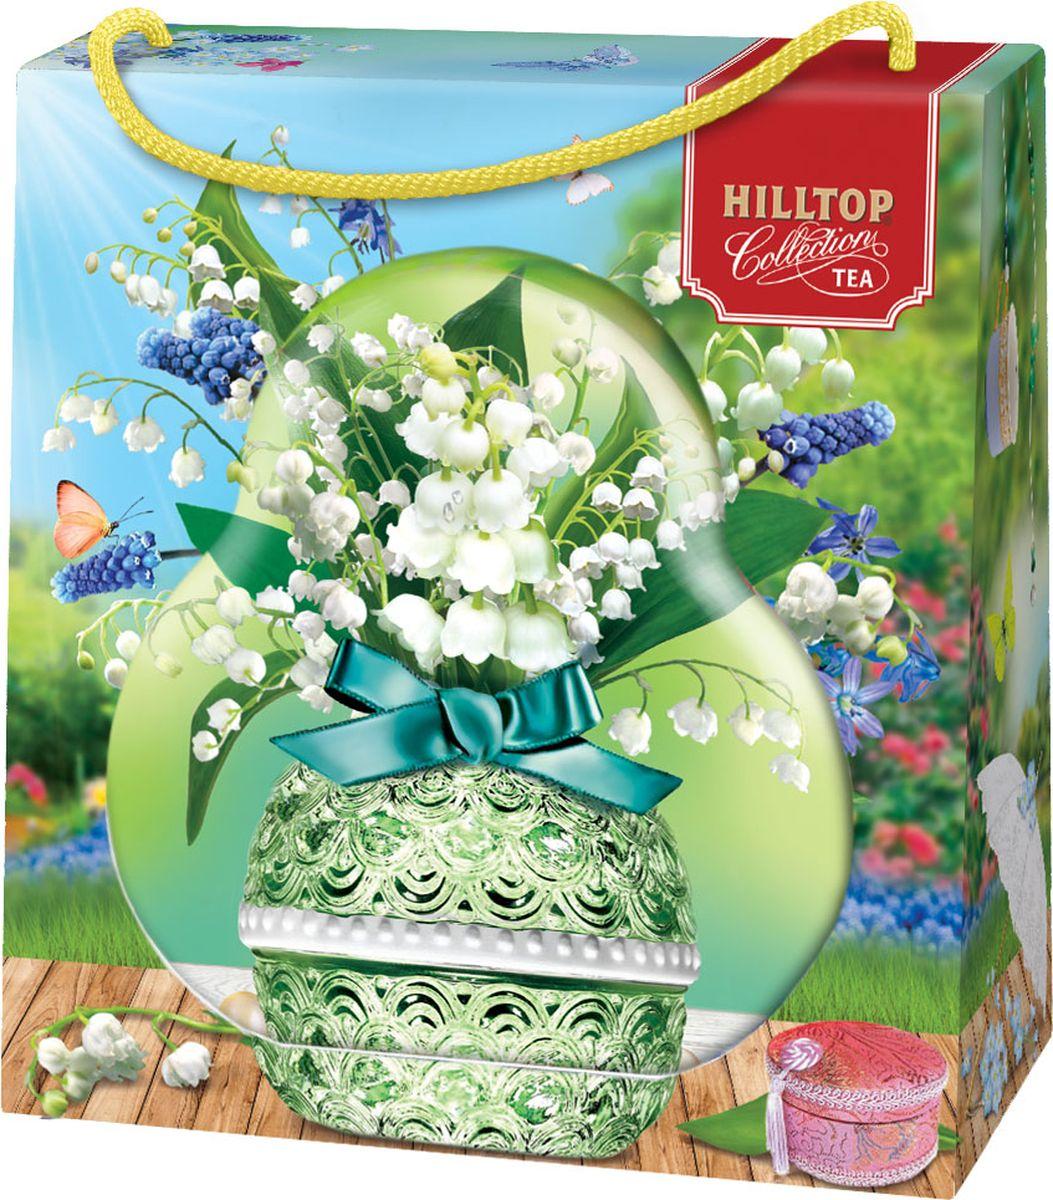 Hilltop Ландыш чай листовой королевское золото, 50 г hilltop люблю листовой чай молочный оолонг 50 г